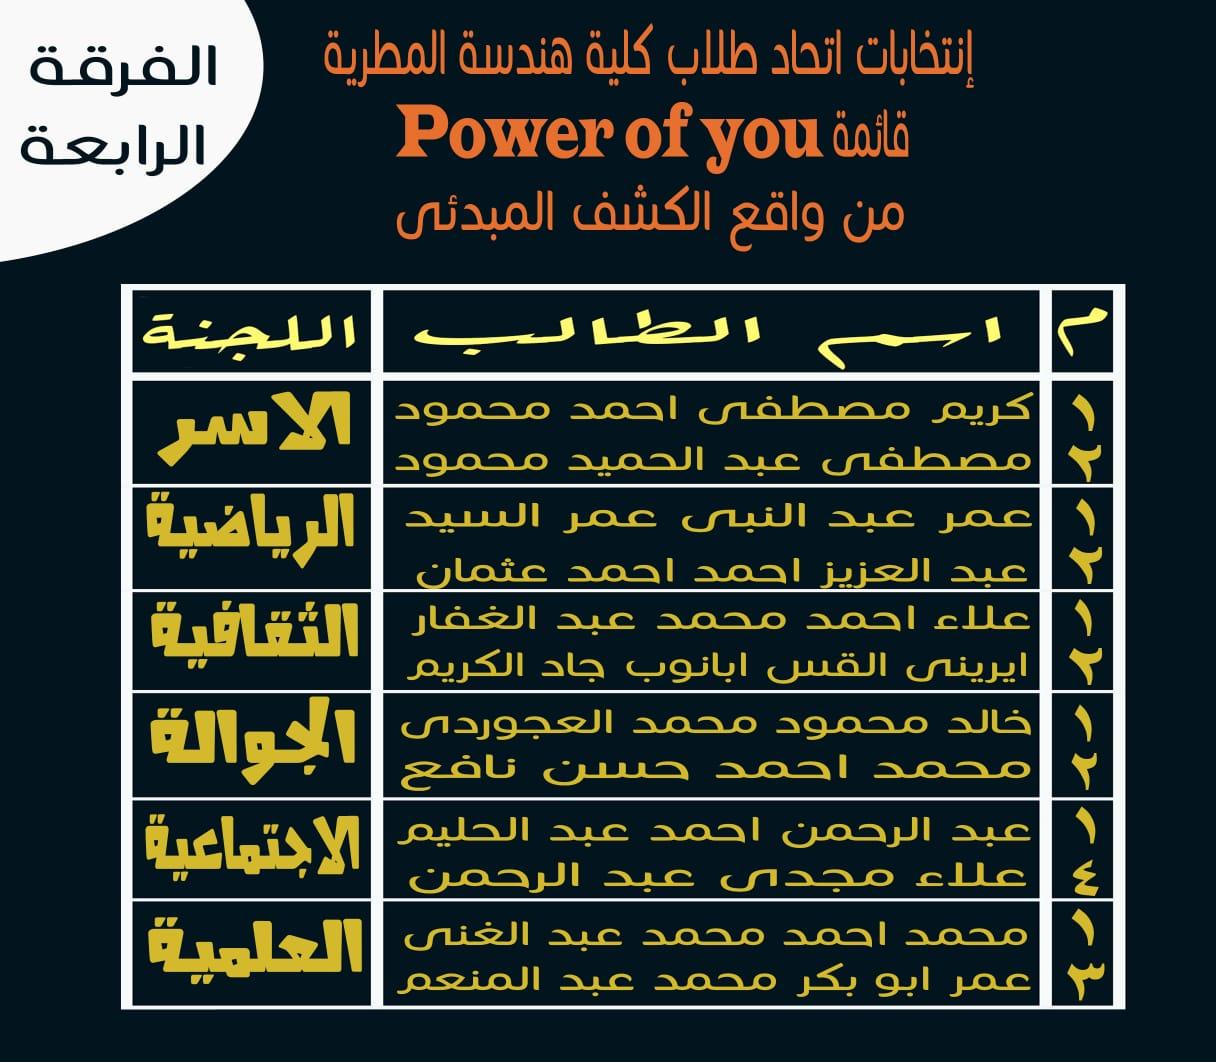 أعضاء قائمة power of you (4)